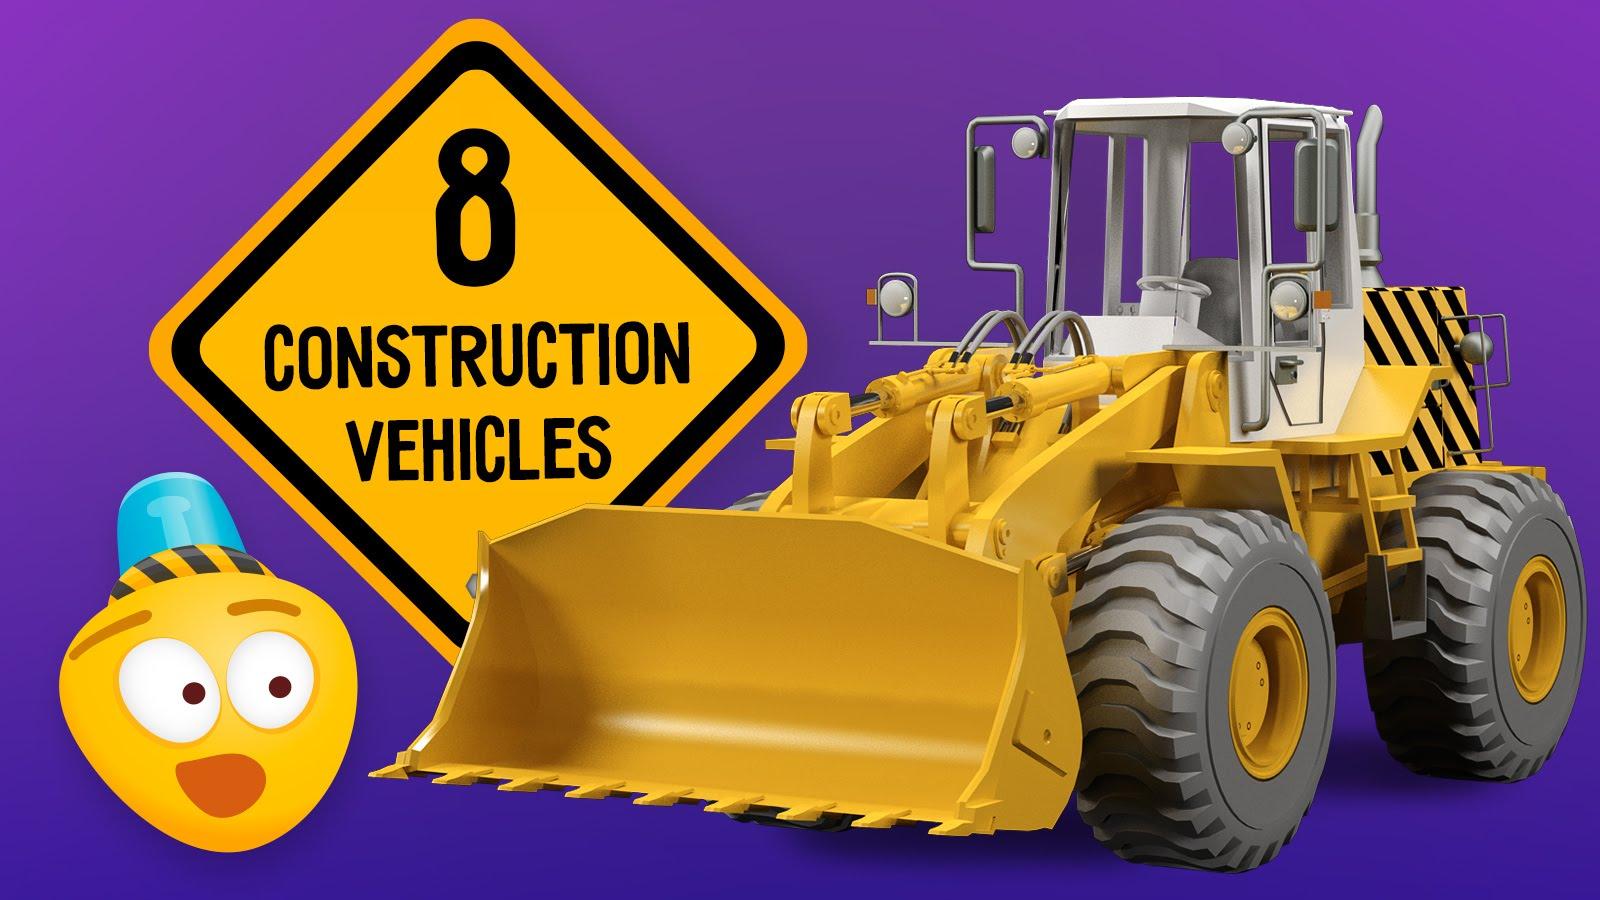 Kid S Construction Cartoon Excavator Crane Dump Truck